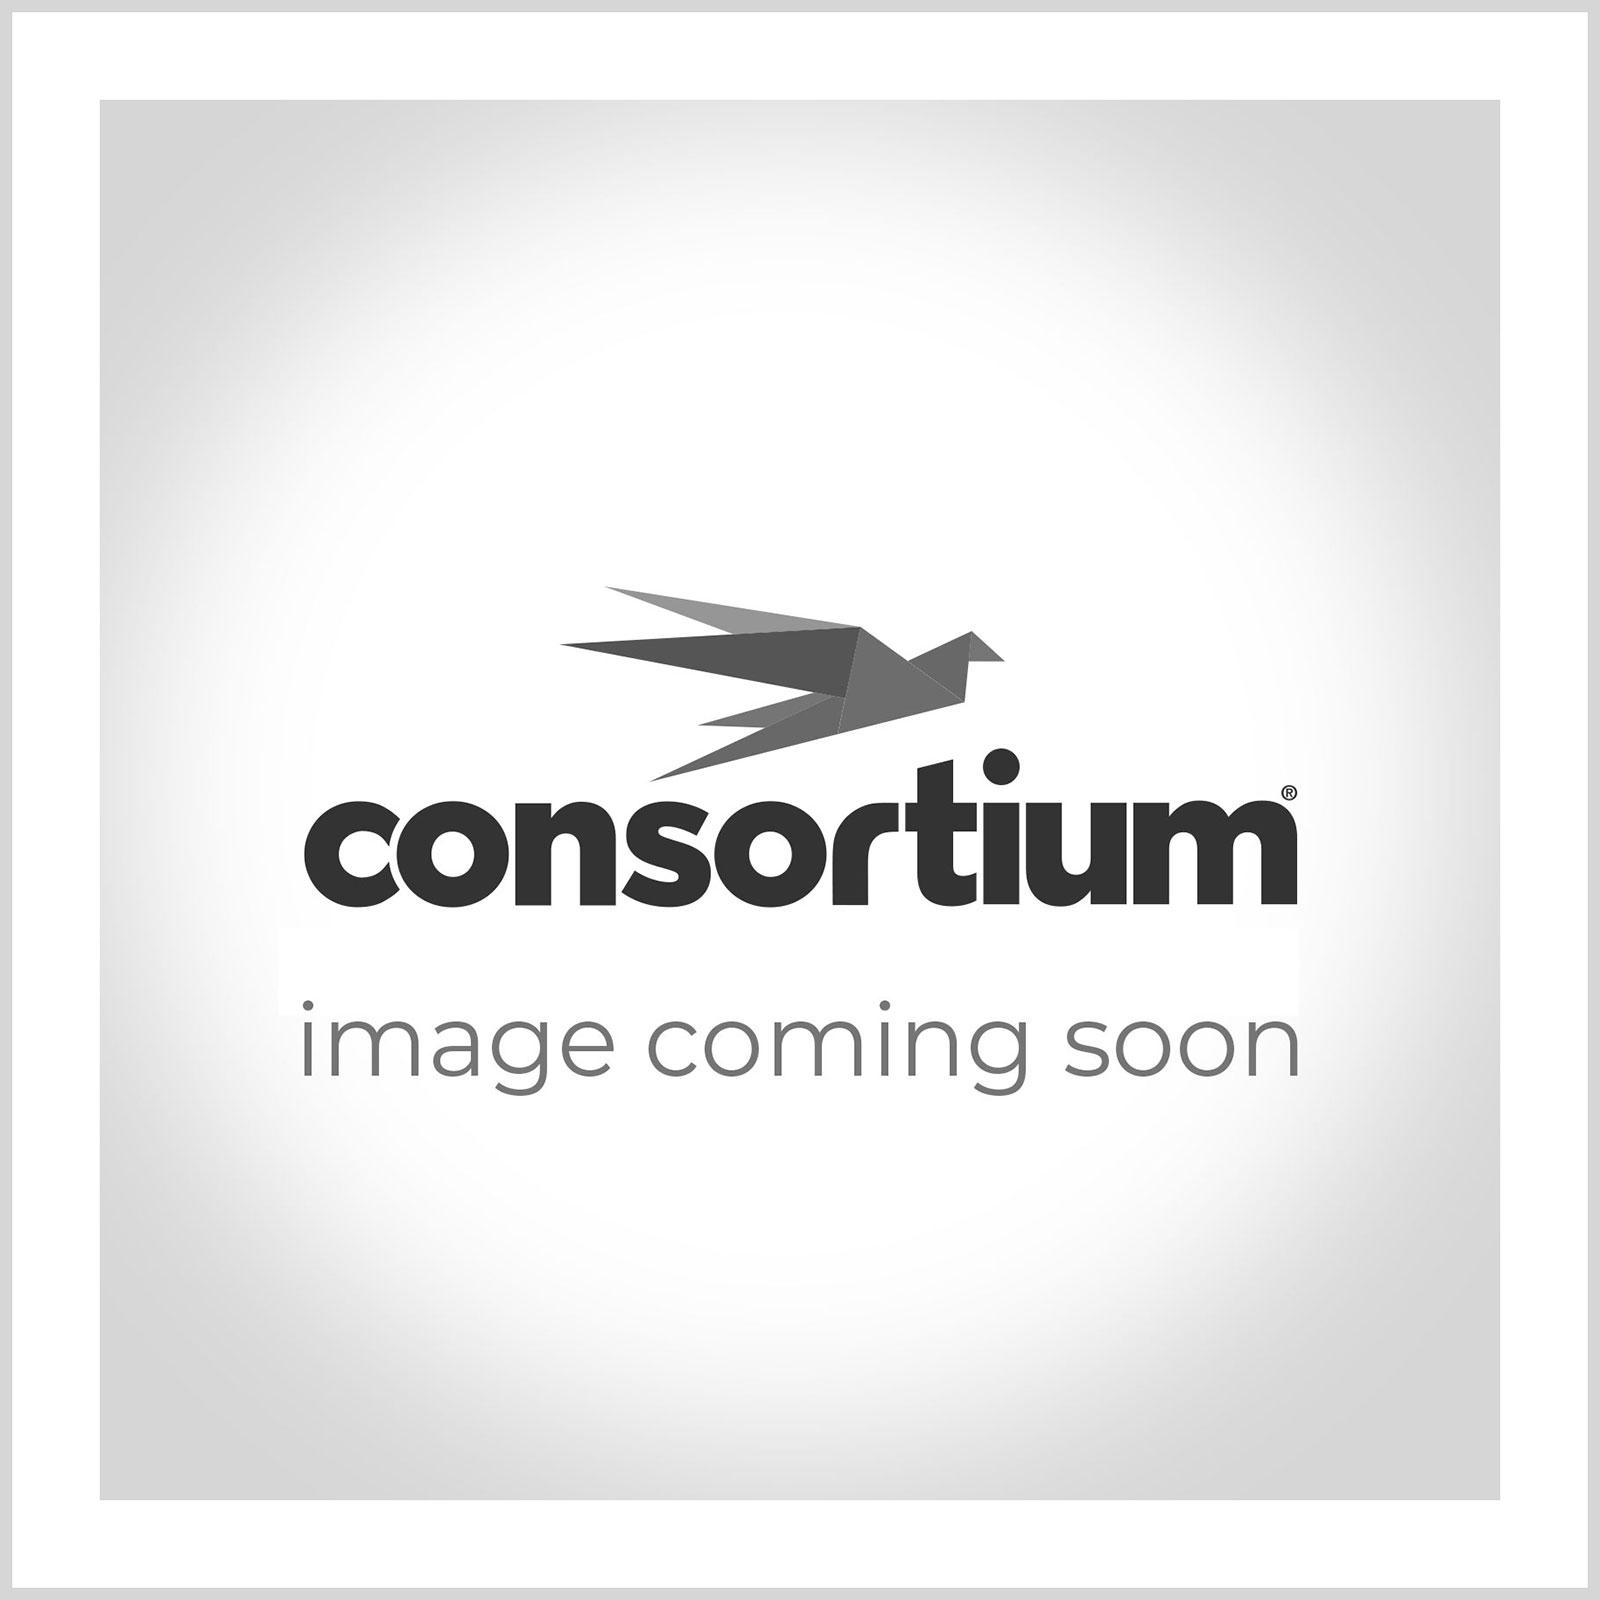 Consortium Mini Magnetic Whiteboard Kit